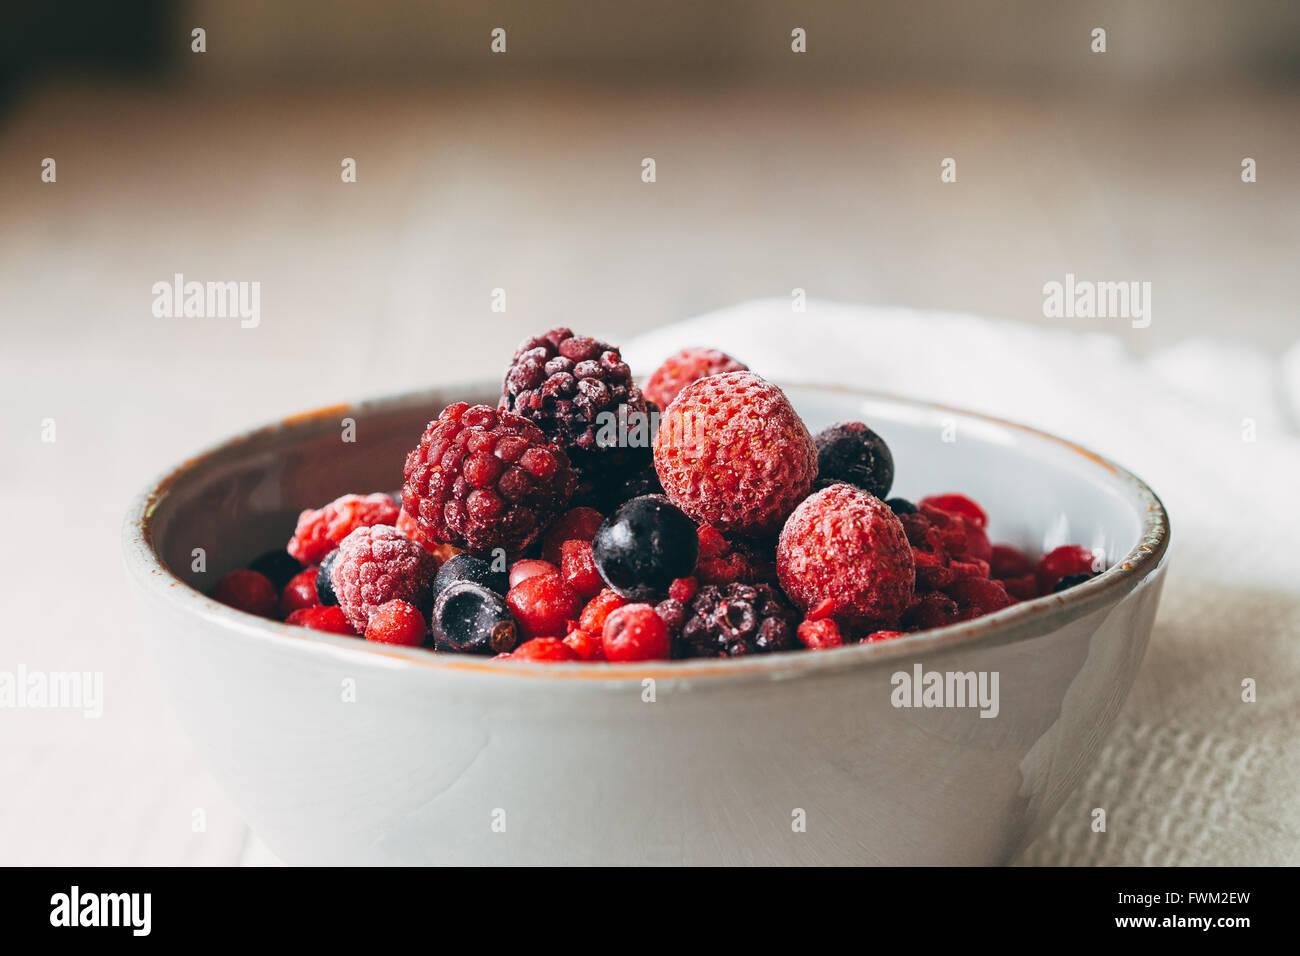 Close-Up di bacche nella ciotola sul tavolo Immagini Stock